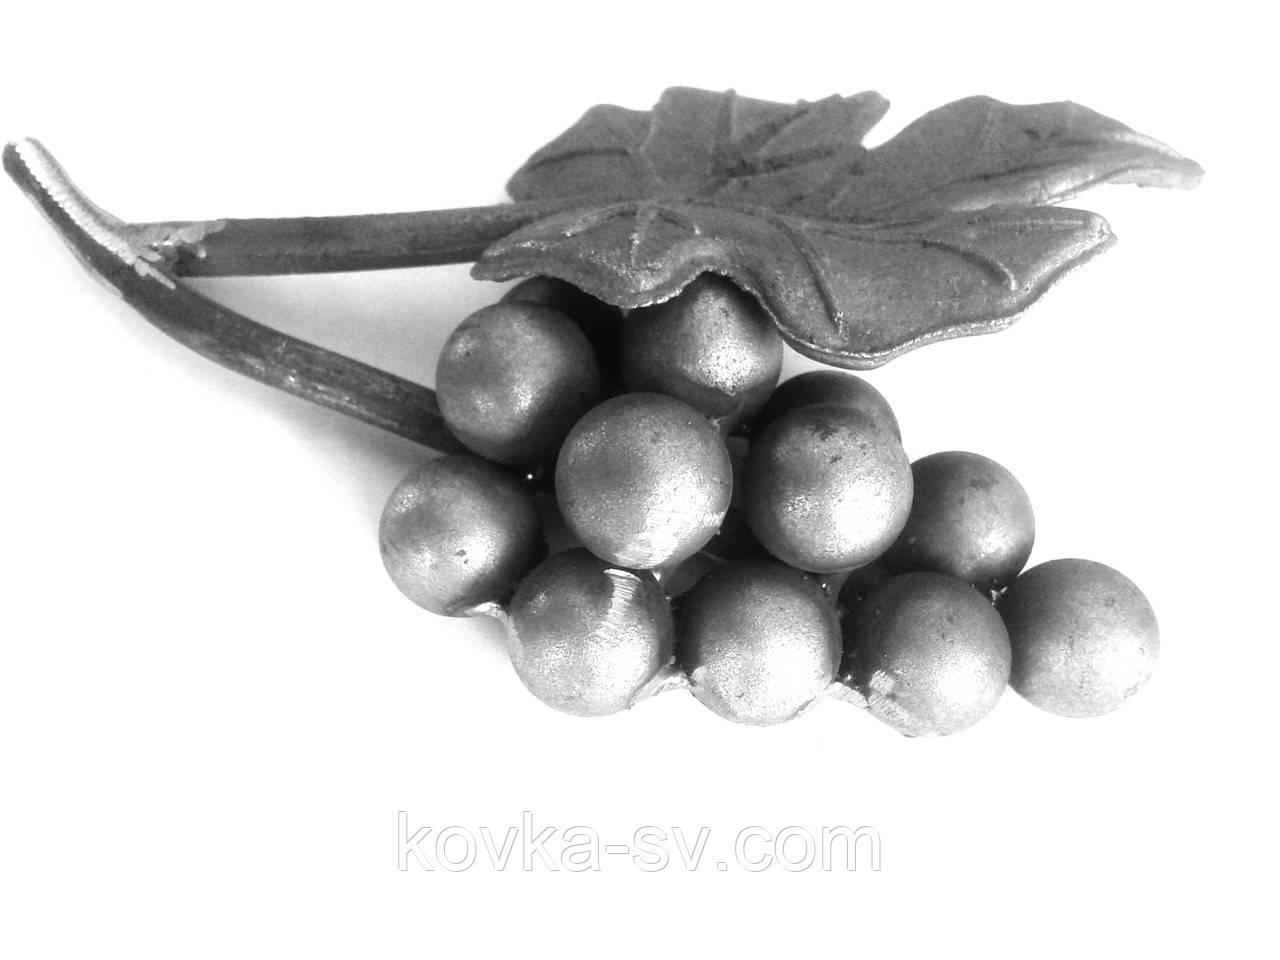 Гроздь винограда кованая 145х90х30 мм (половинка)